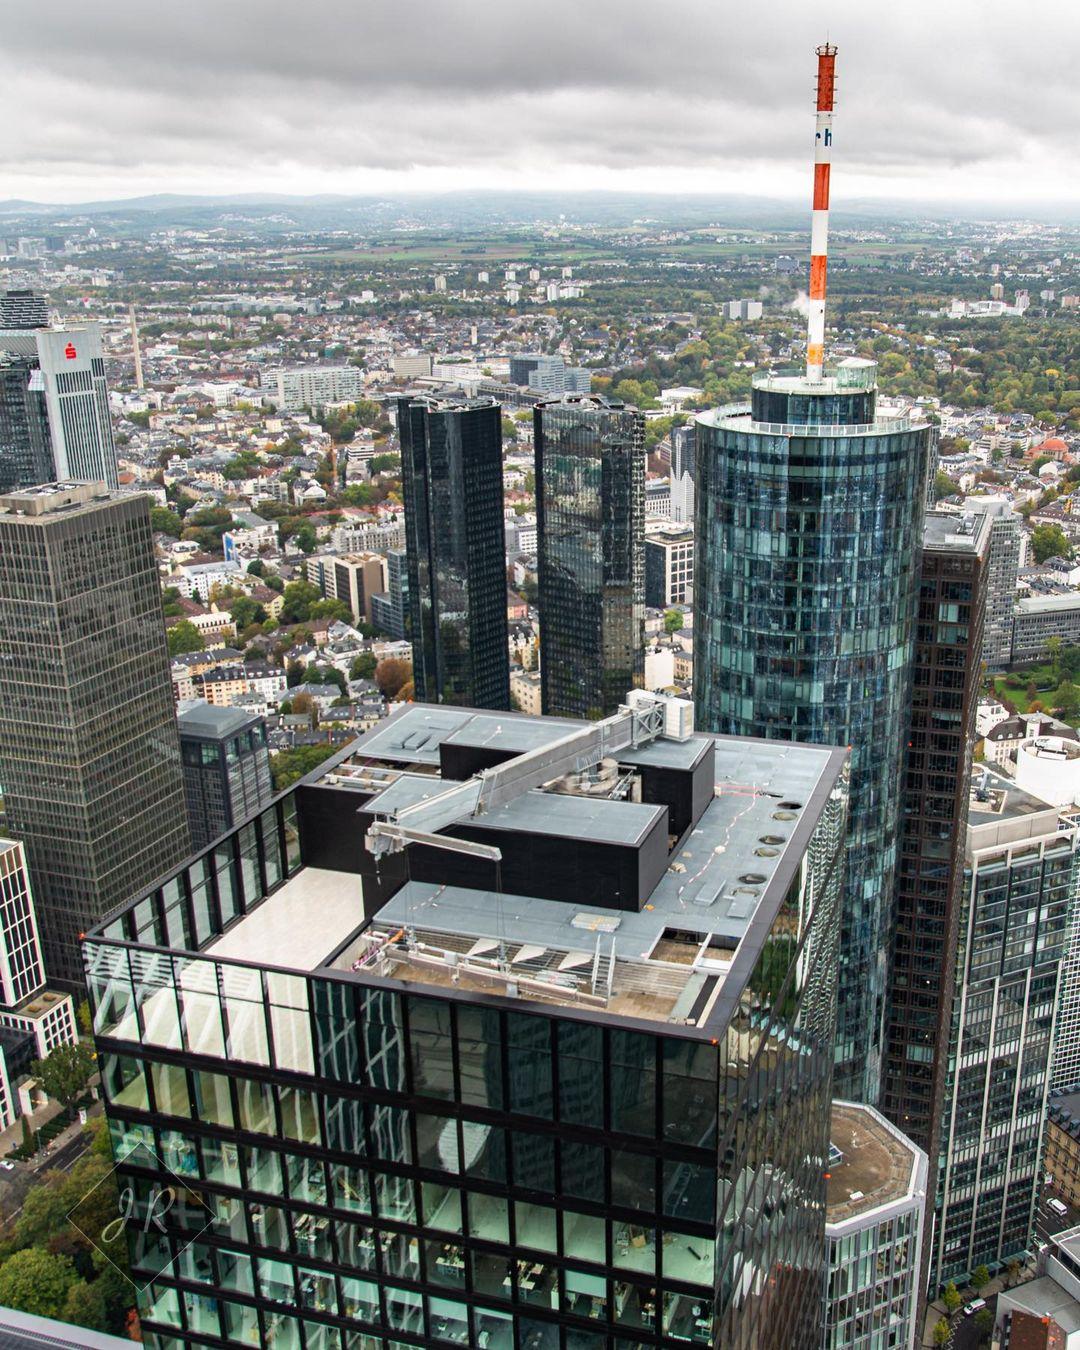 OmniTurm Frankfurt - Dach und Fassadenbefahranlage - aufgenommen im Jahr 2020 von Ralf Jock